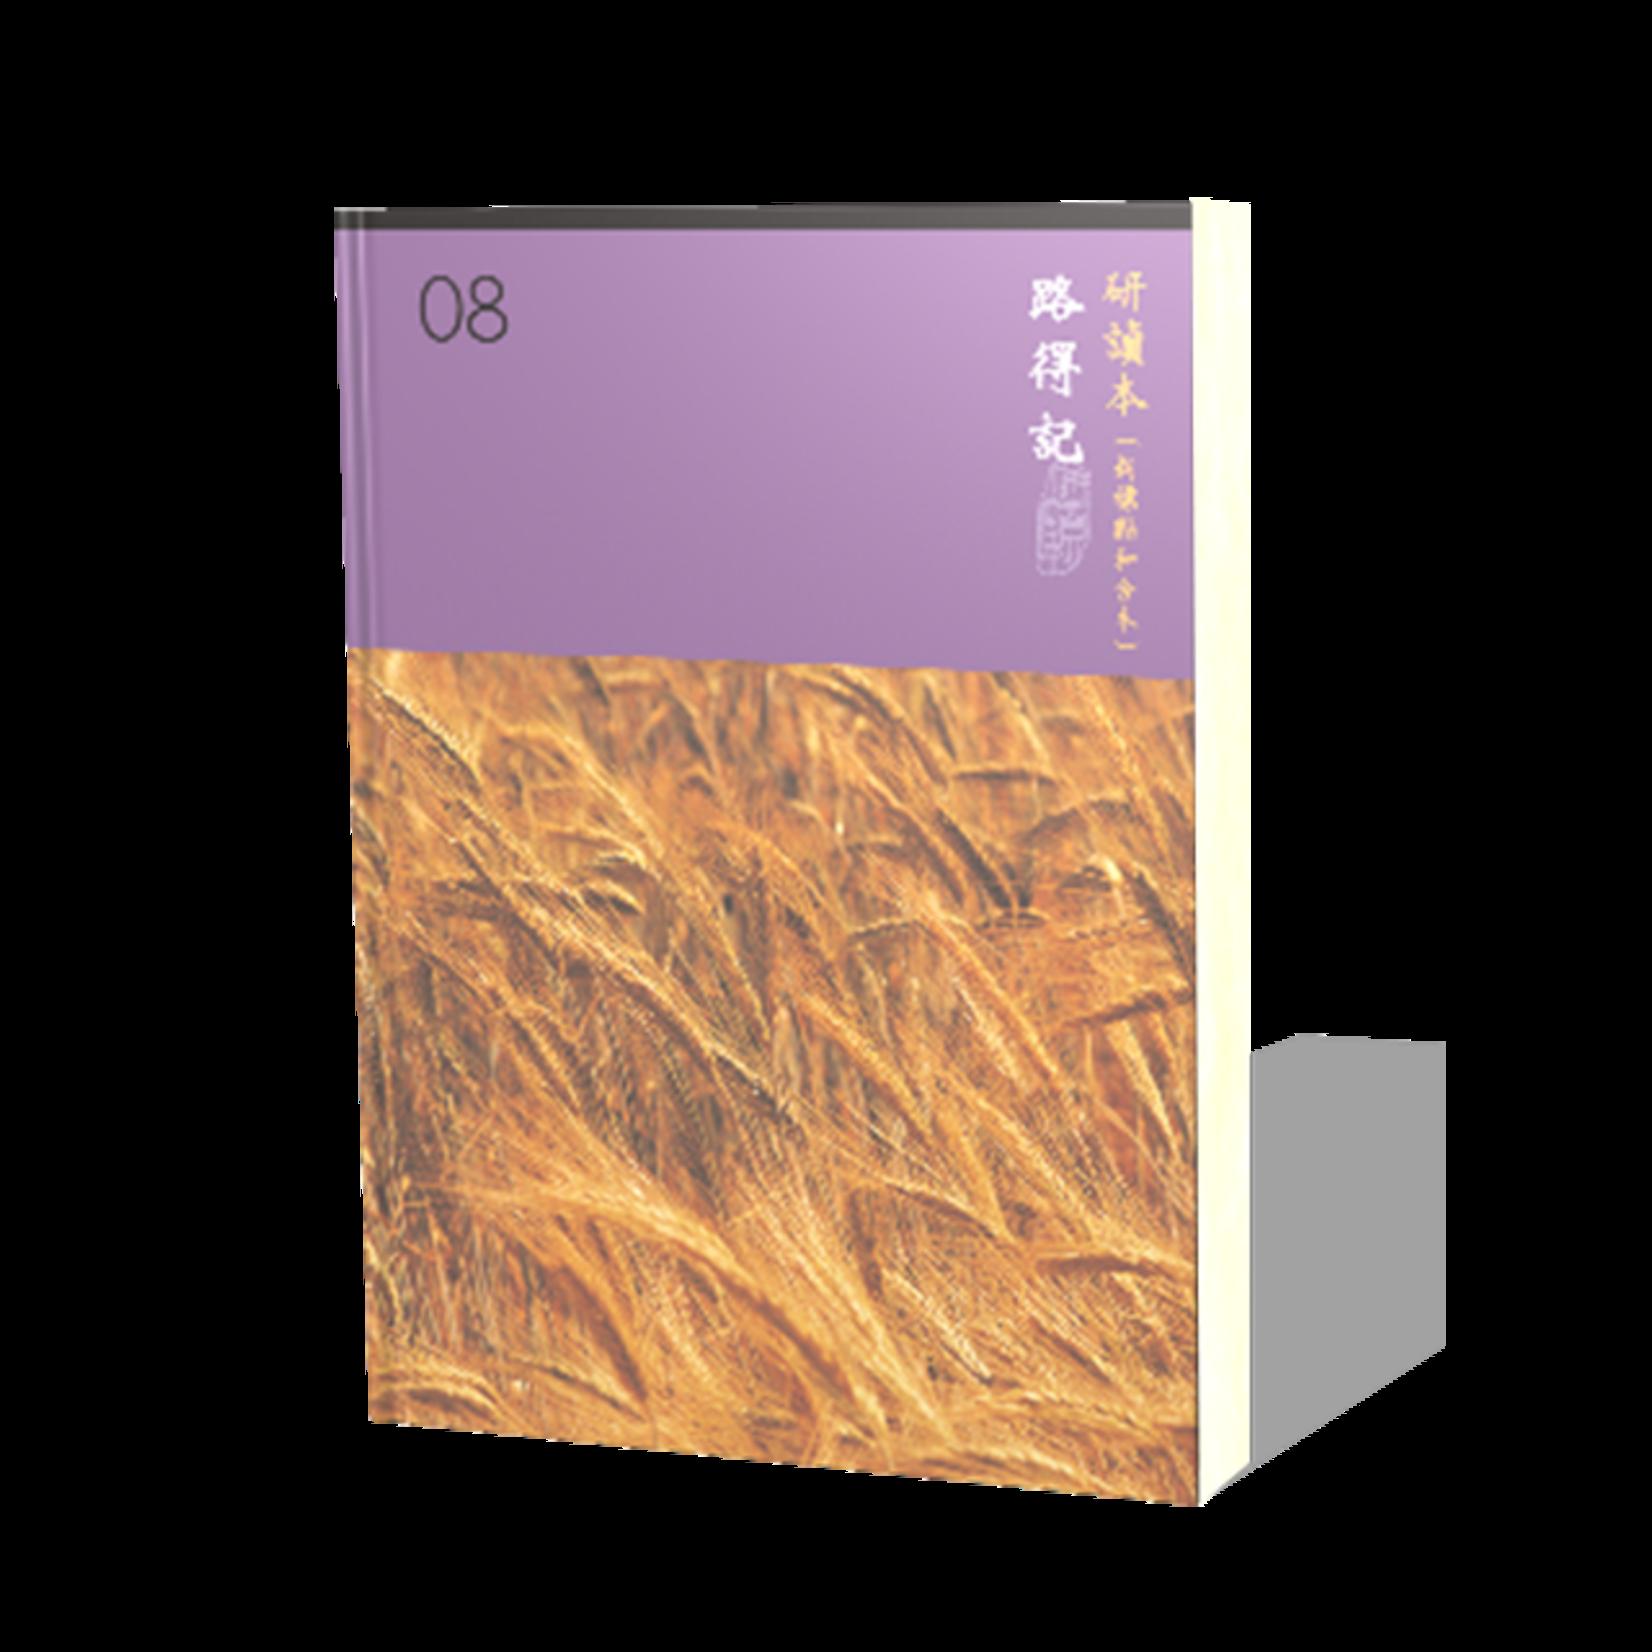 台灣聖經公會 The Bible Society in Taiwan 聖經研讀本(新標點和合本)系列(神版):雅各書